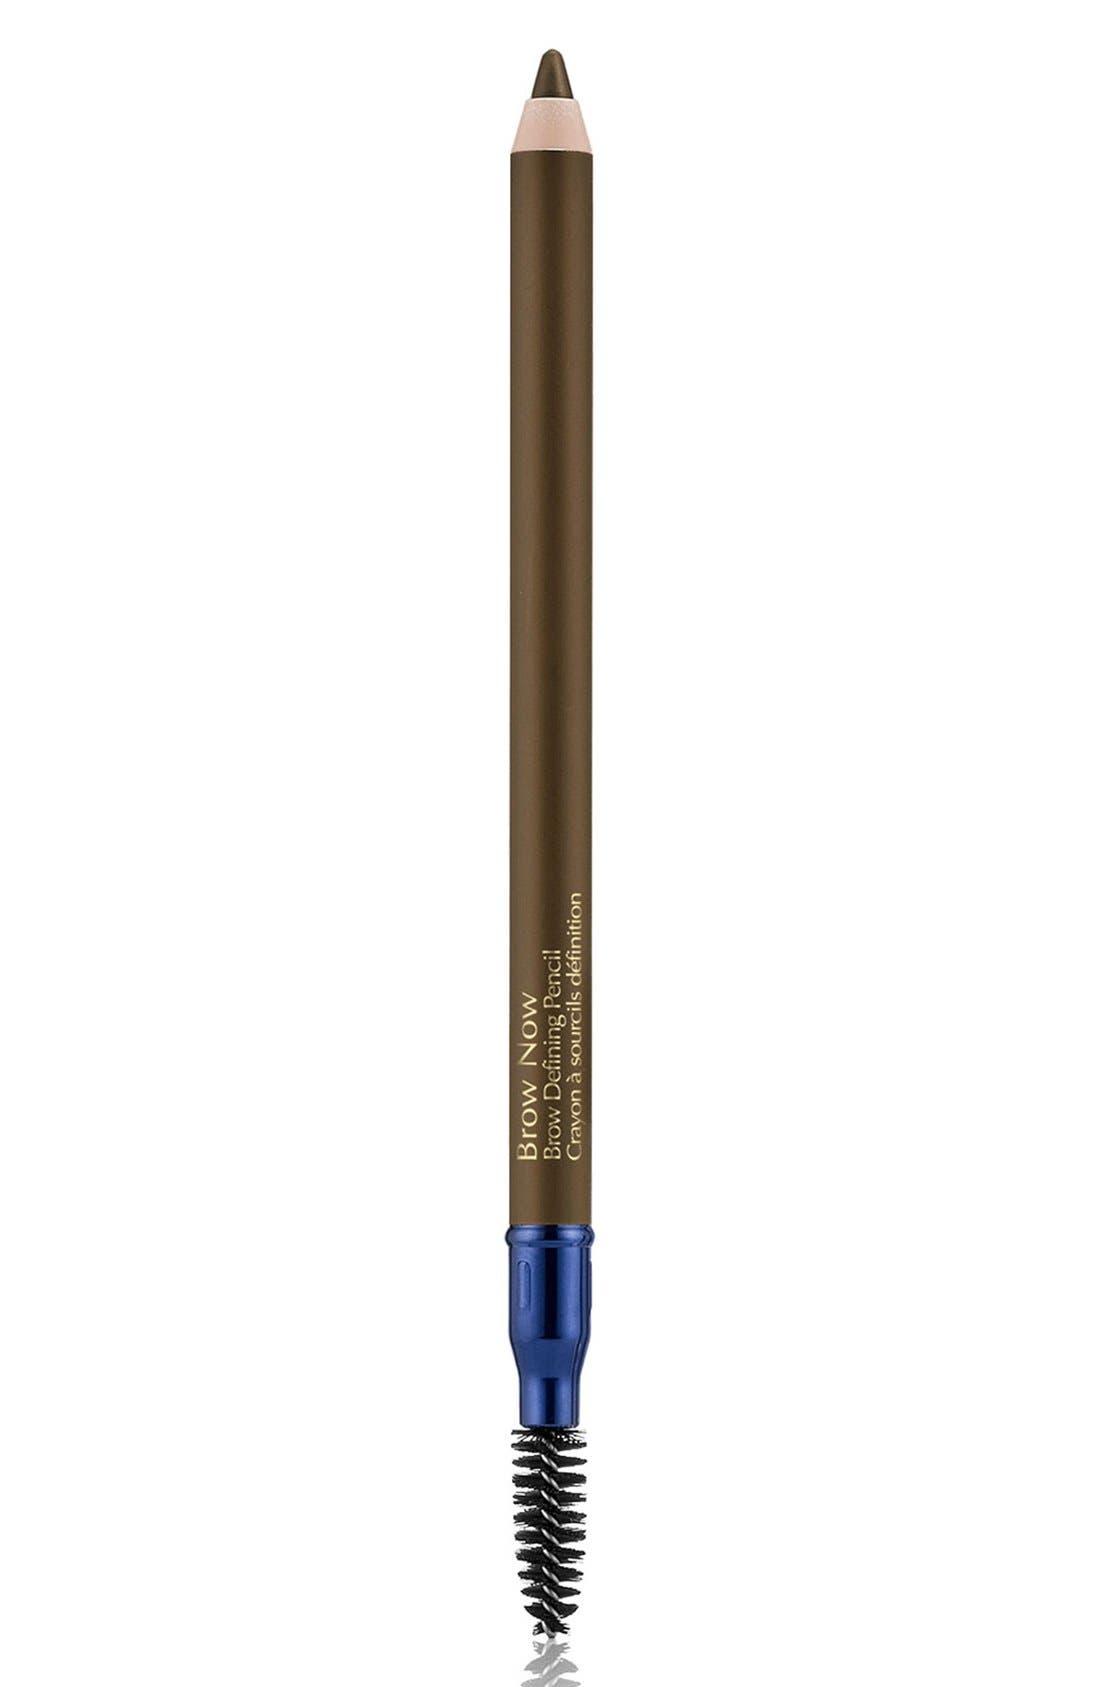 Estee Lauder Brow Now Brow Defining Pencil - Dark Brunette